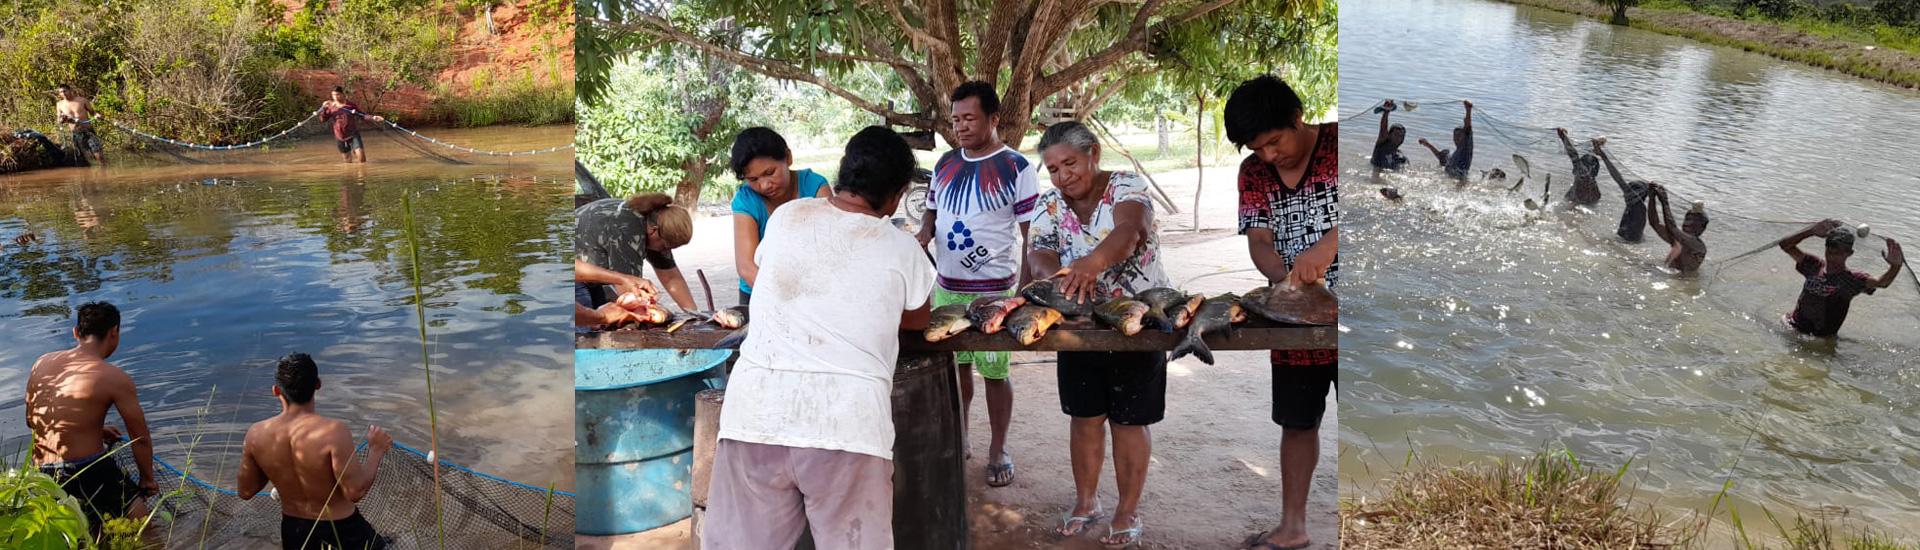 Un proyecto de piscicultura proporciona desarrollo a una de las misiones salesianas indígenas con los bororo en Brasil